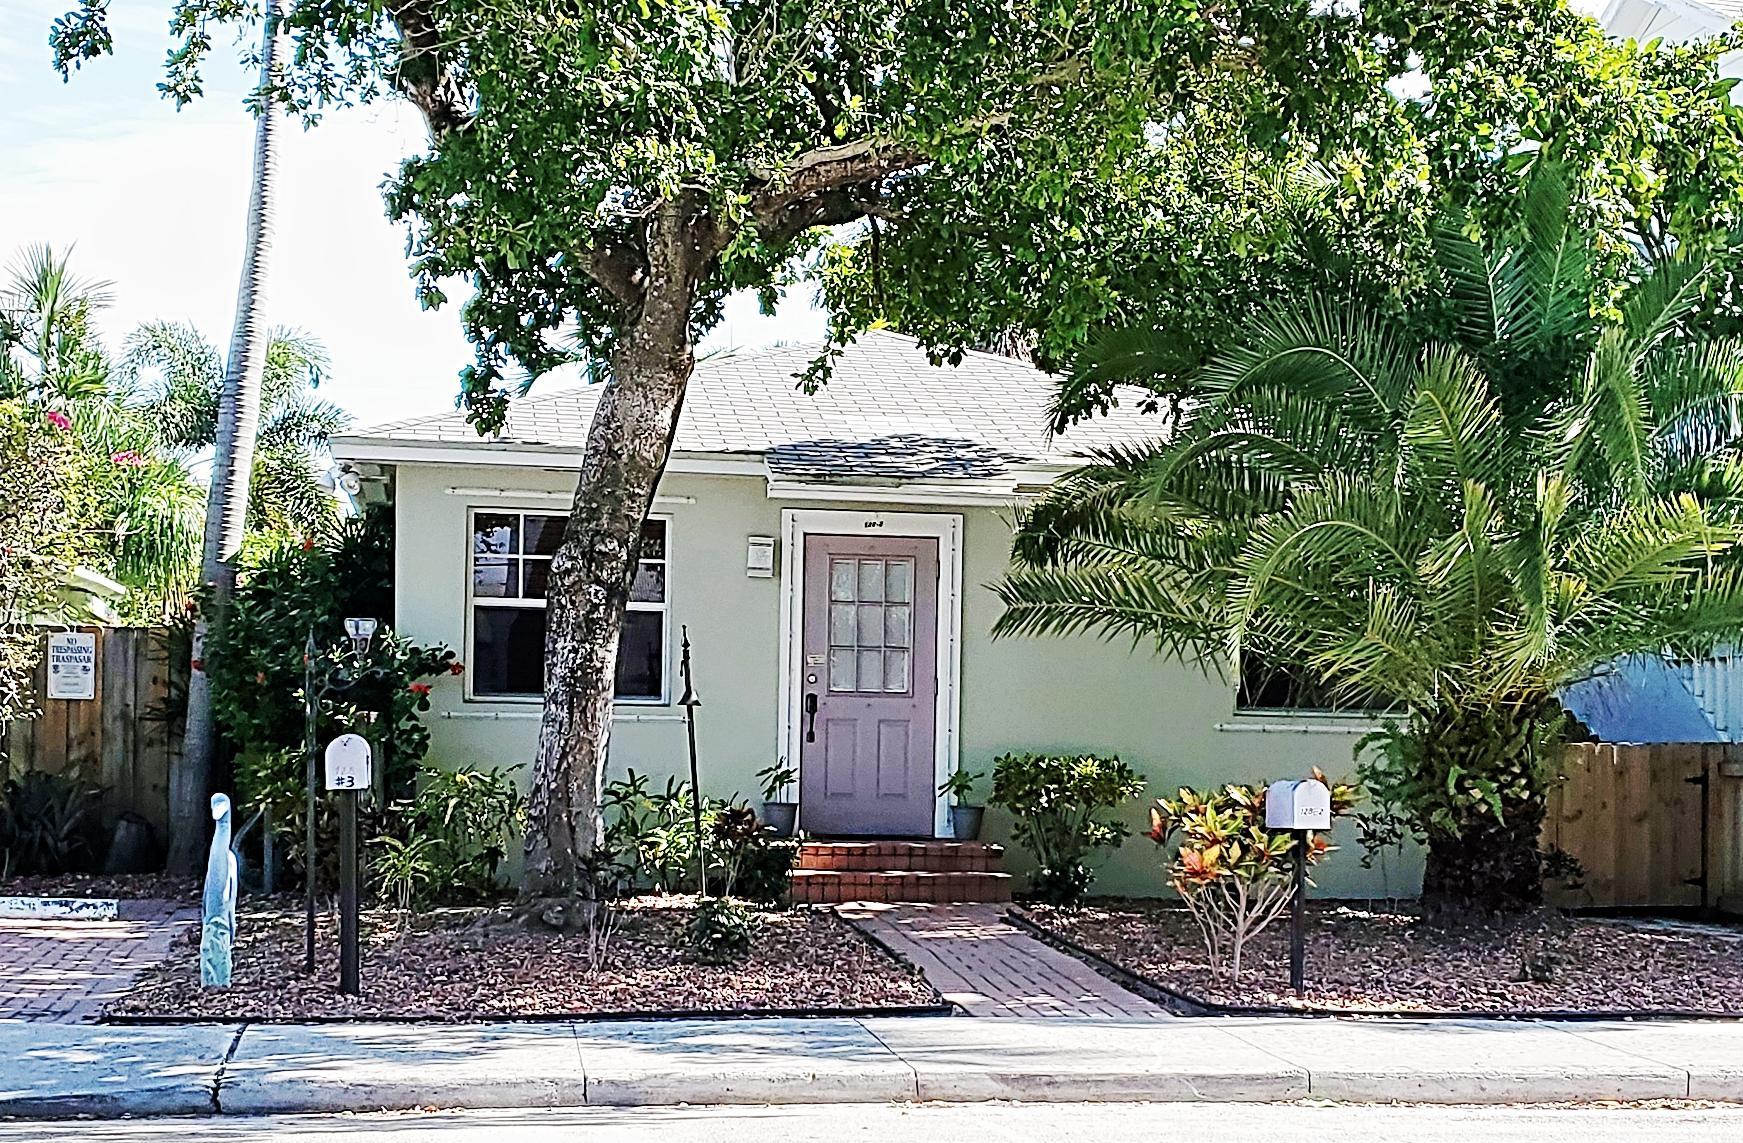 128 L Street, Lake Worth, Florida 33460, 1 Bedroom Bedrooms, ,1 BathroomBathrooms,Duplex/Triplex/Quadplex,For Rent,L,RX-10579814